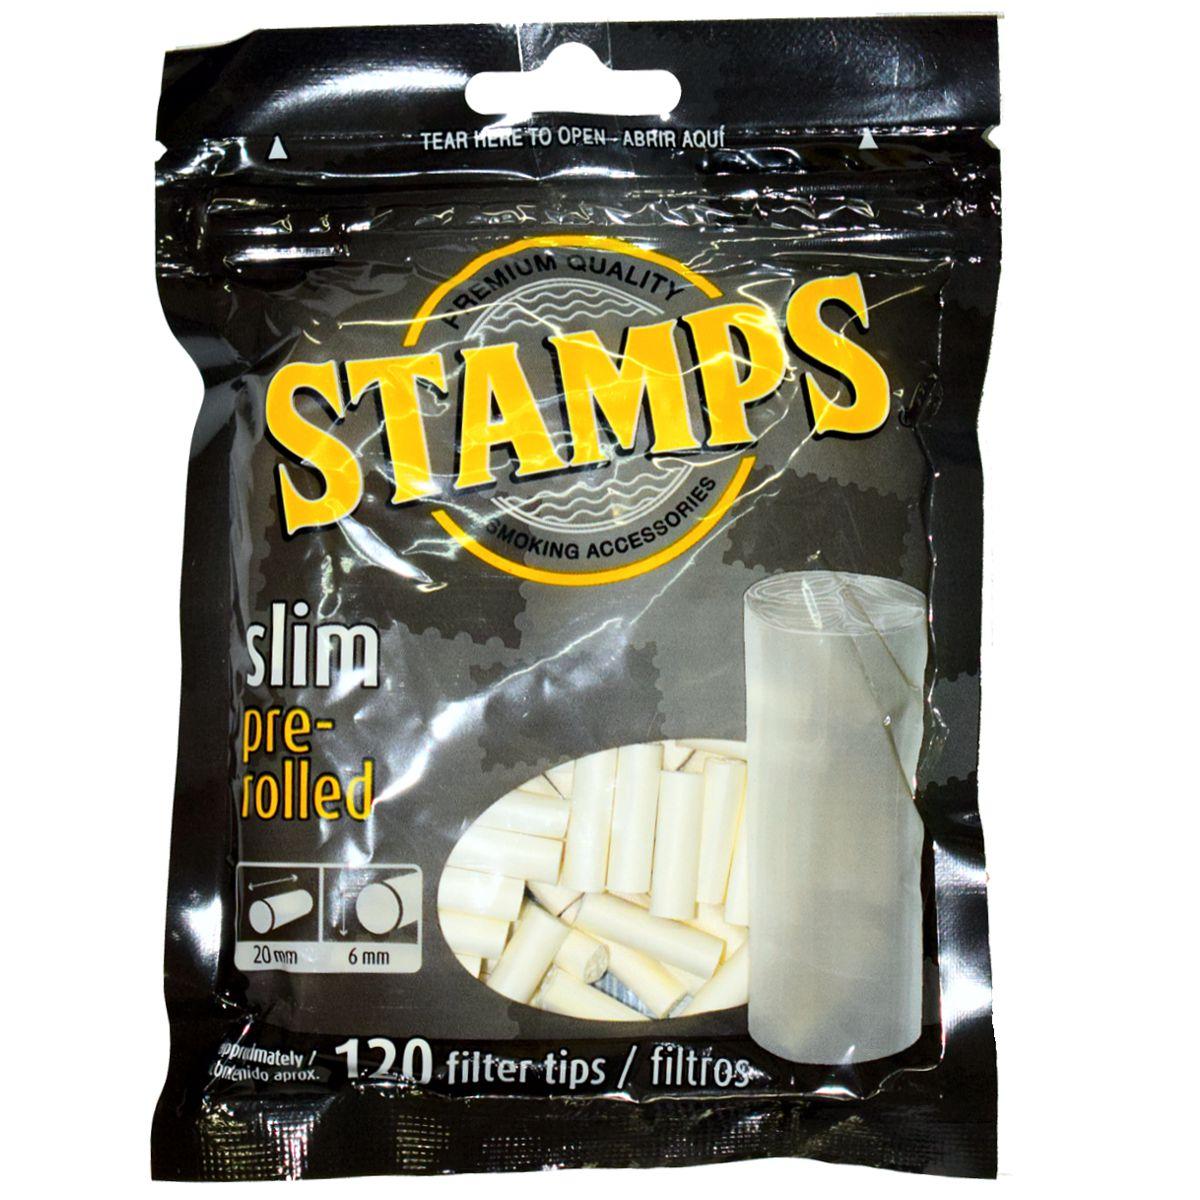 filtros stamps slim pre rolled venta online